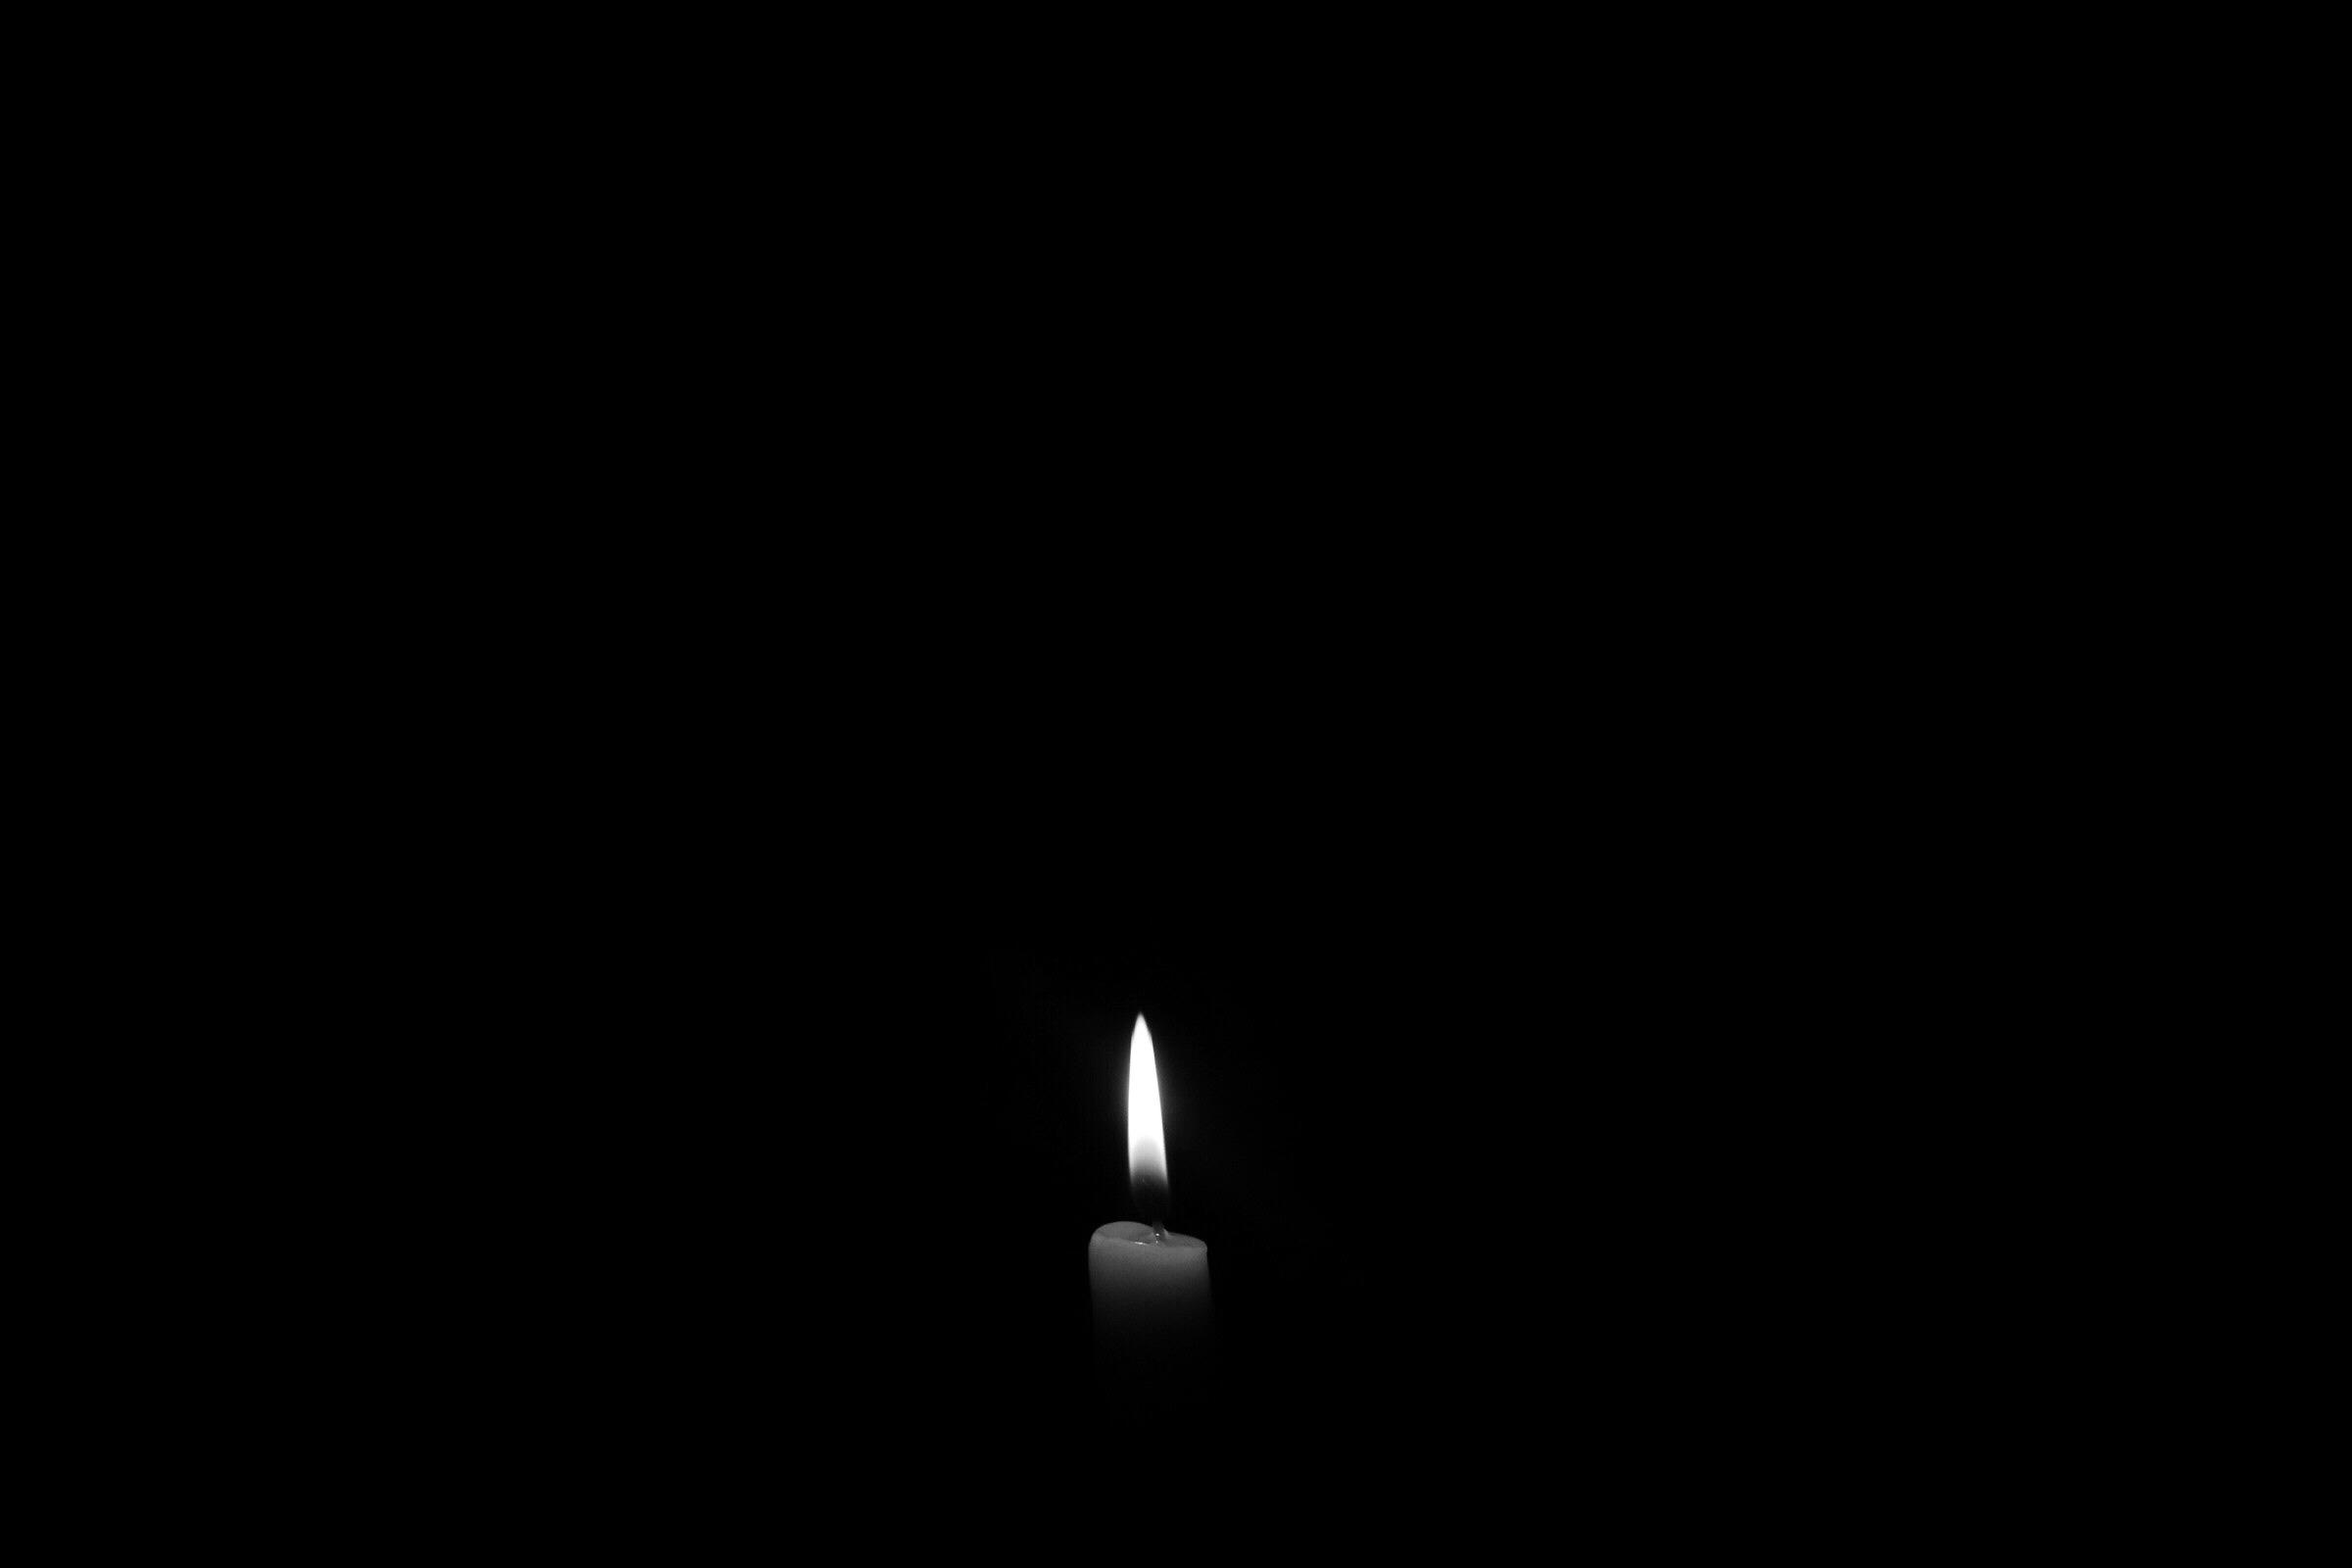 صورة خلفيات سوداء حزينة , صور حزن سوداء